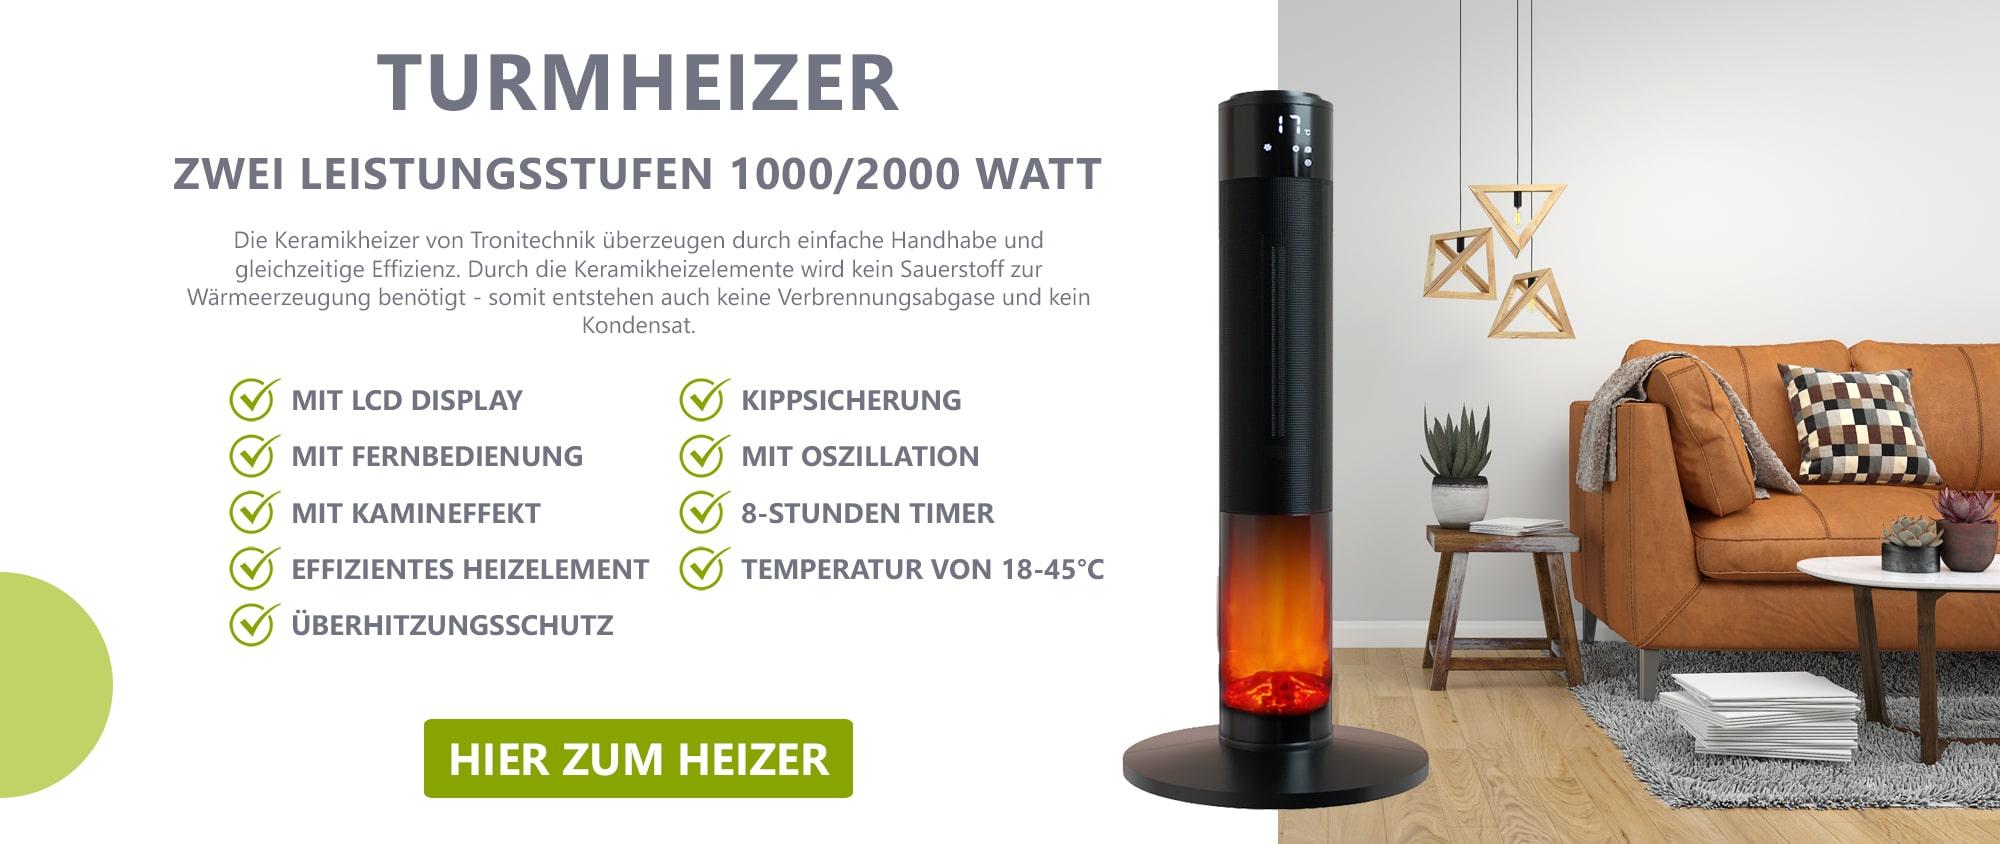 Turmheizer